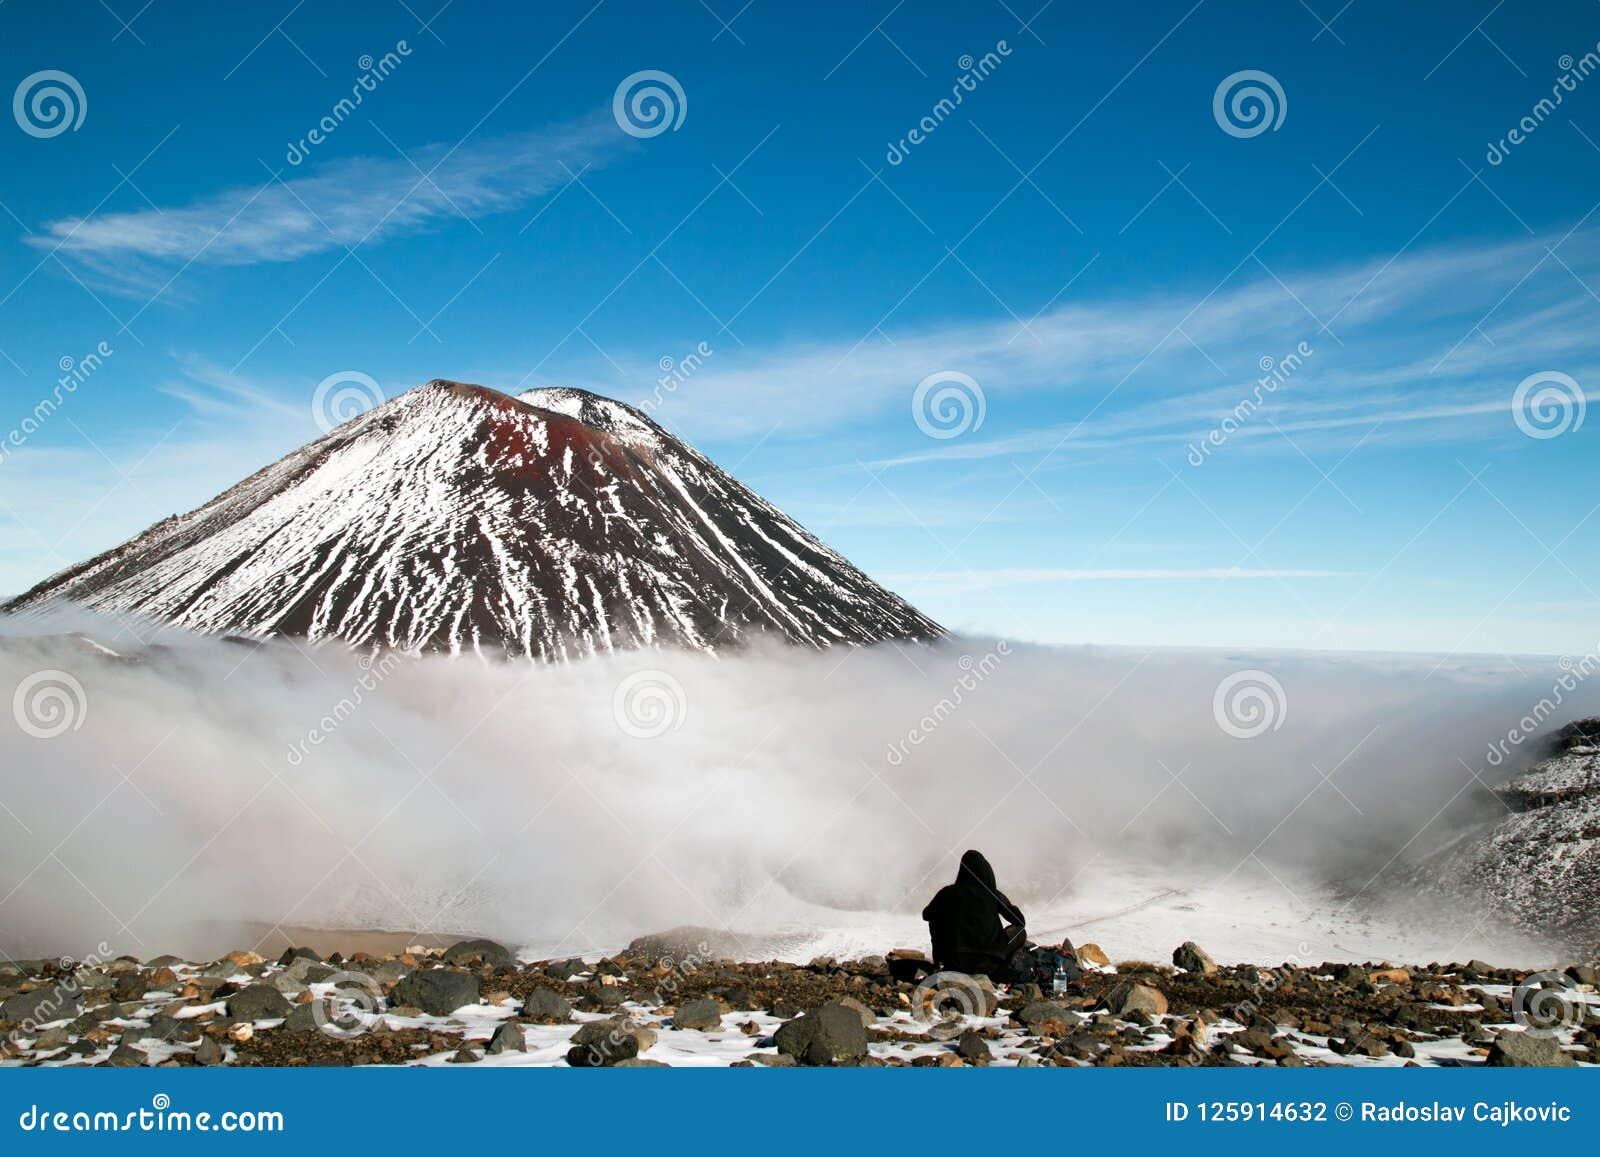 Le Tramper ayant le repos devant le volcan actif, le randonneur de montagne et le grimpeur prenant le casse-croûte et apprécie la